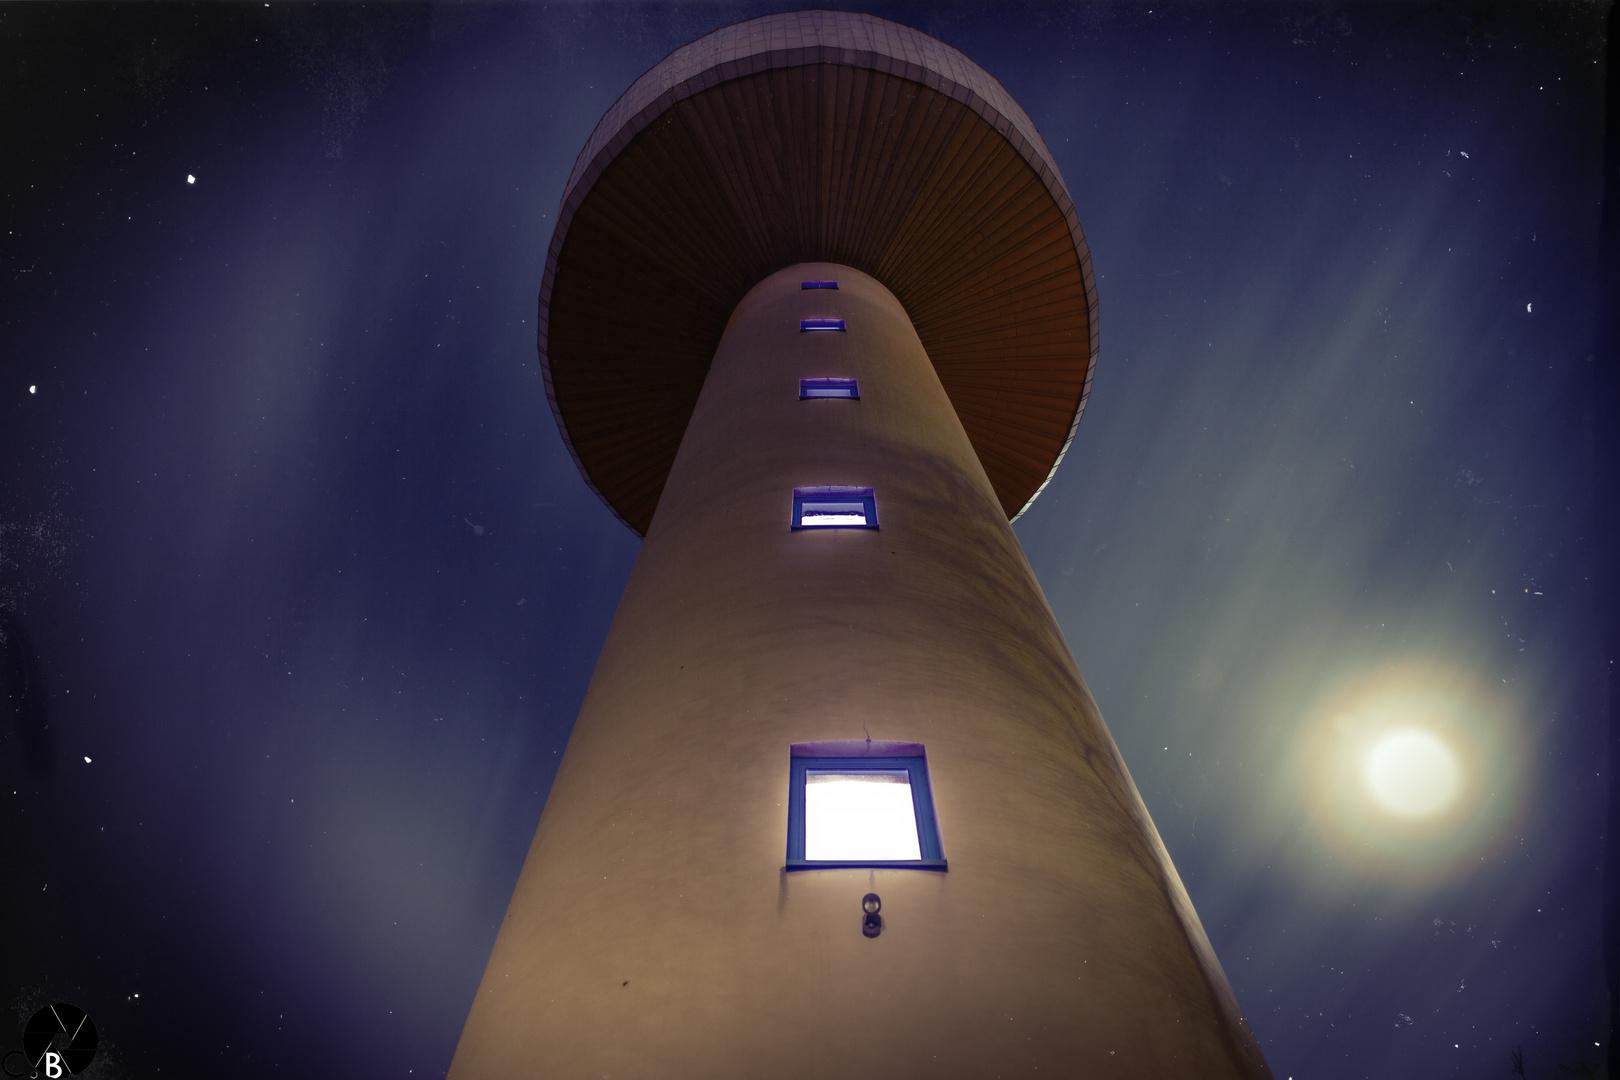 Der Wasserturm in Dülken